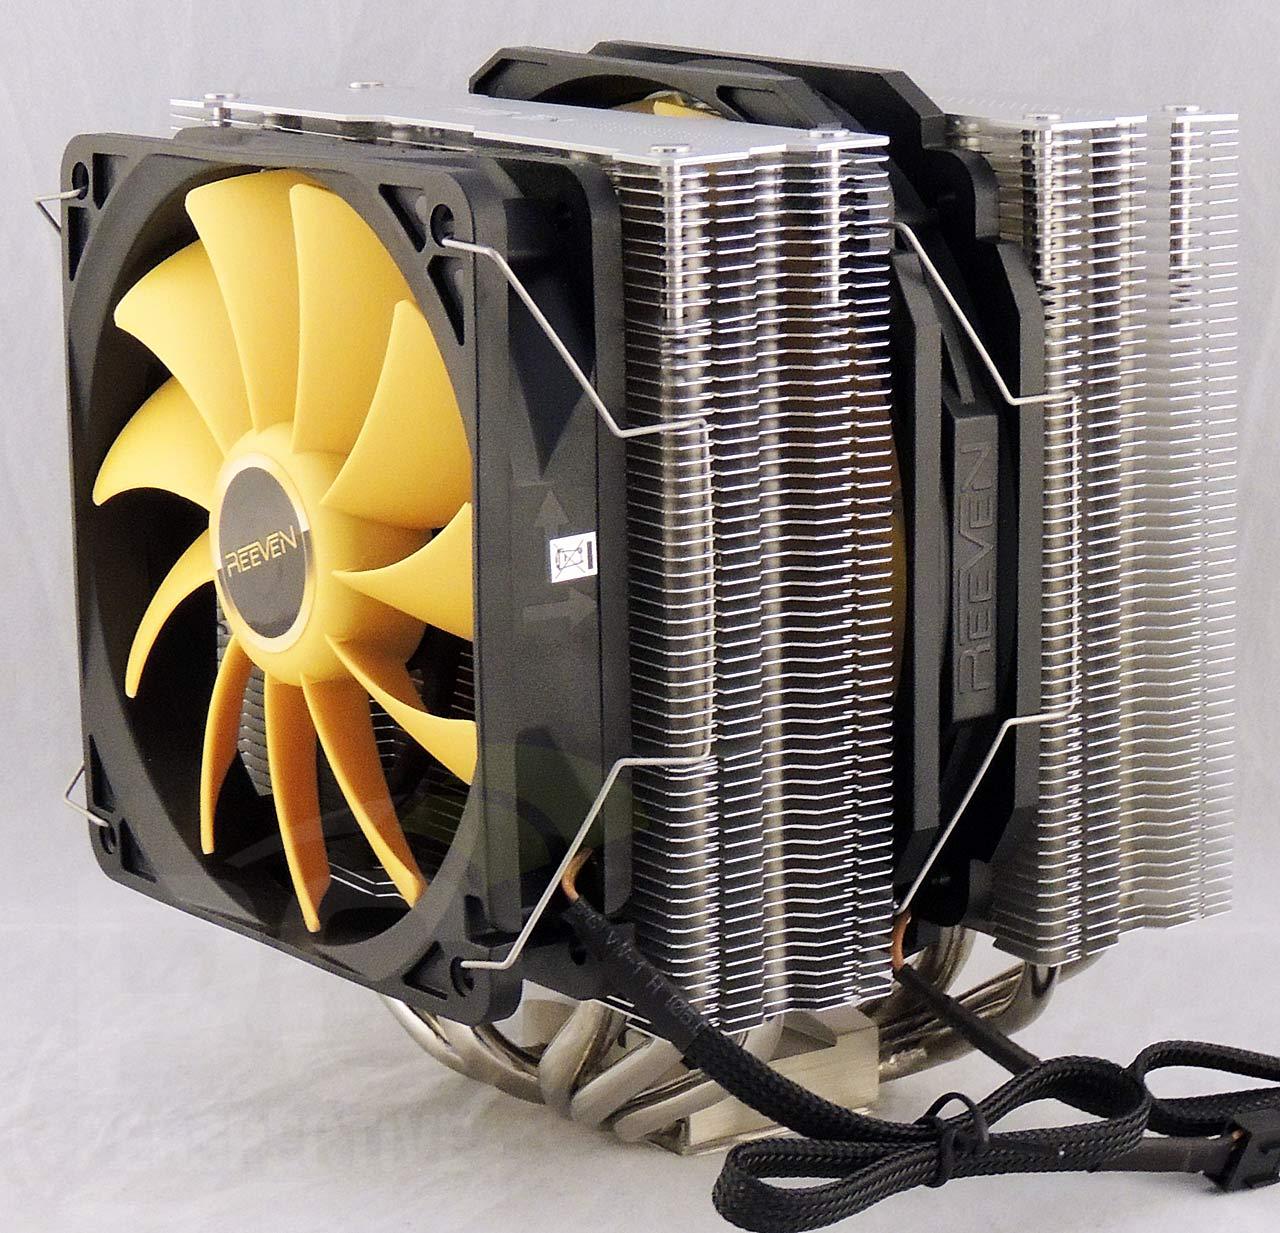 01-cooler-profile-withfans.jpg